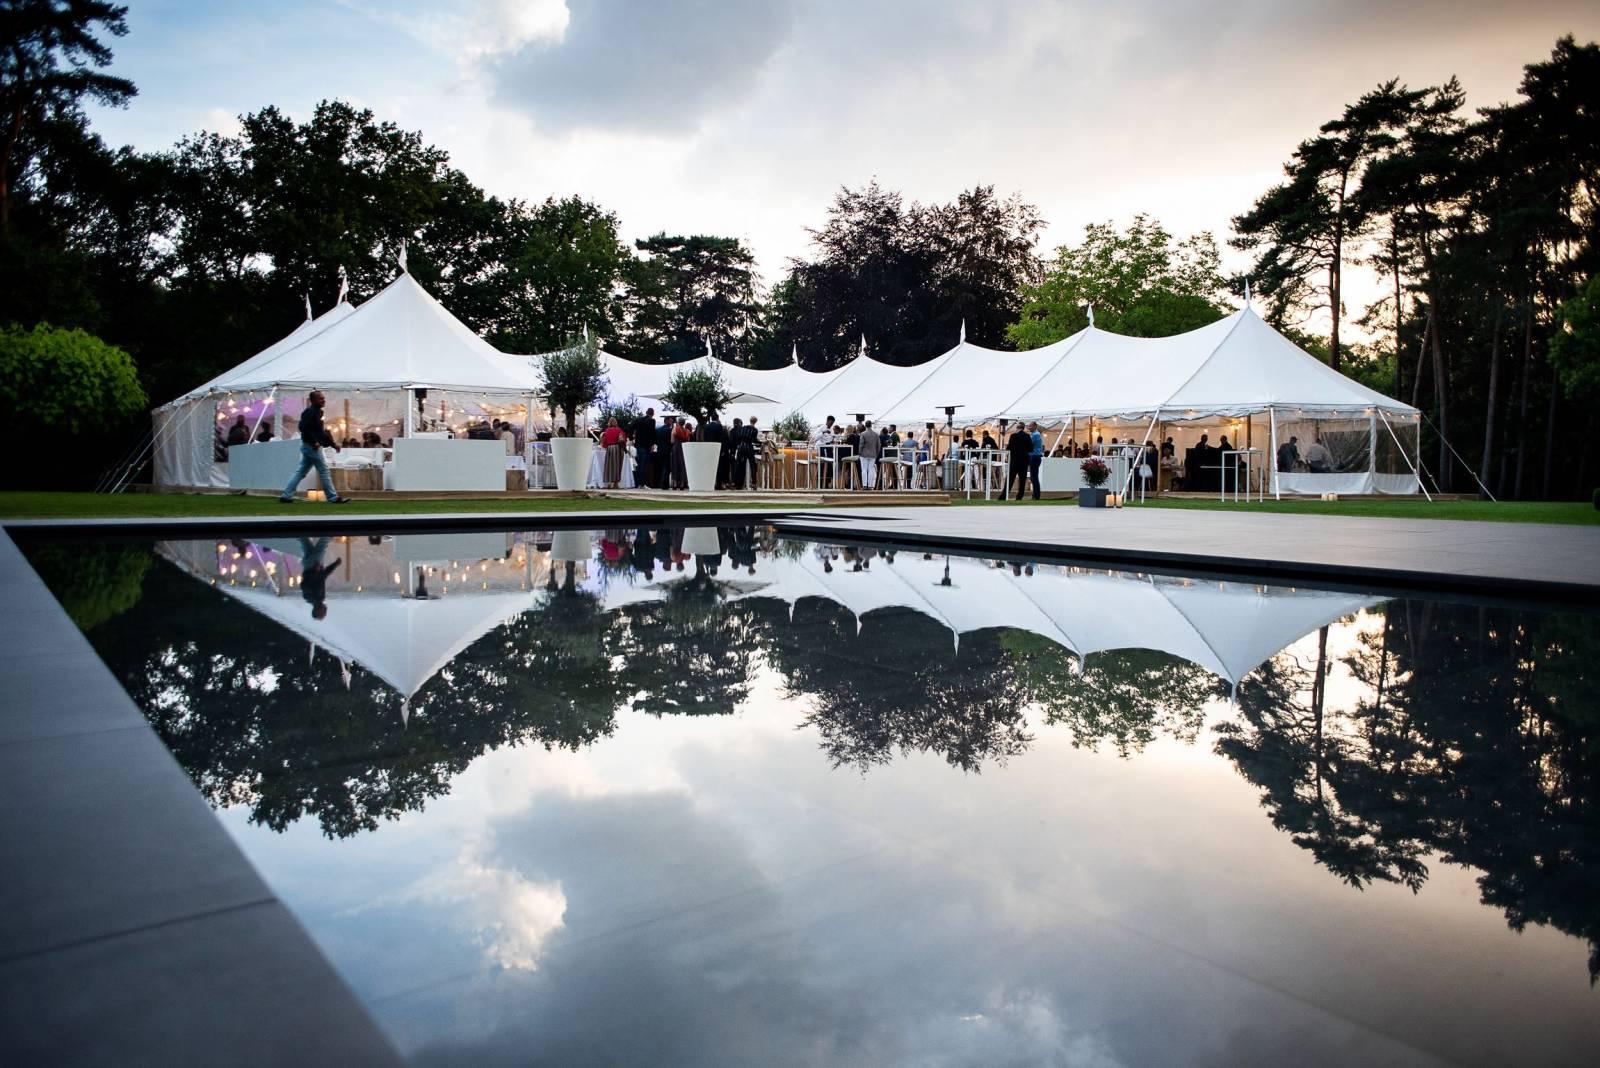 Altiro Tenten - Wedding Tent - Feesttent - Huwelijk trouw bruiloft - House of Weddings - 22